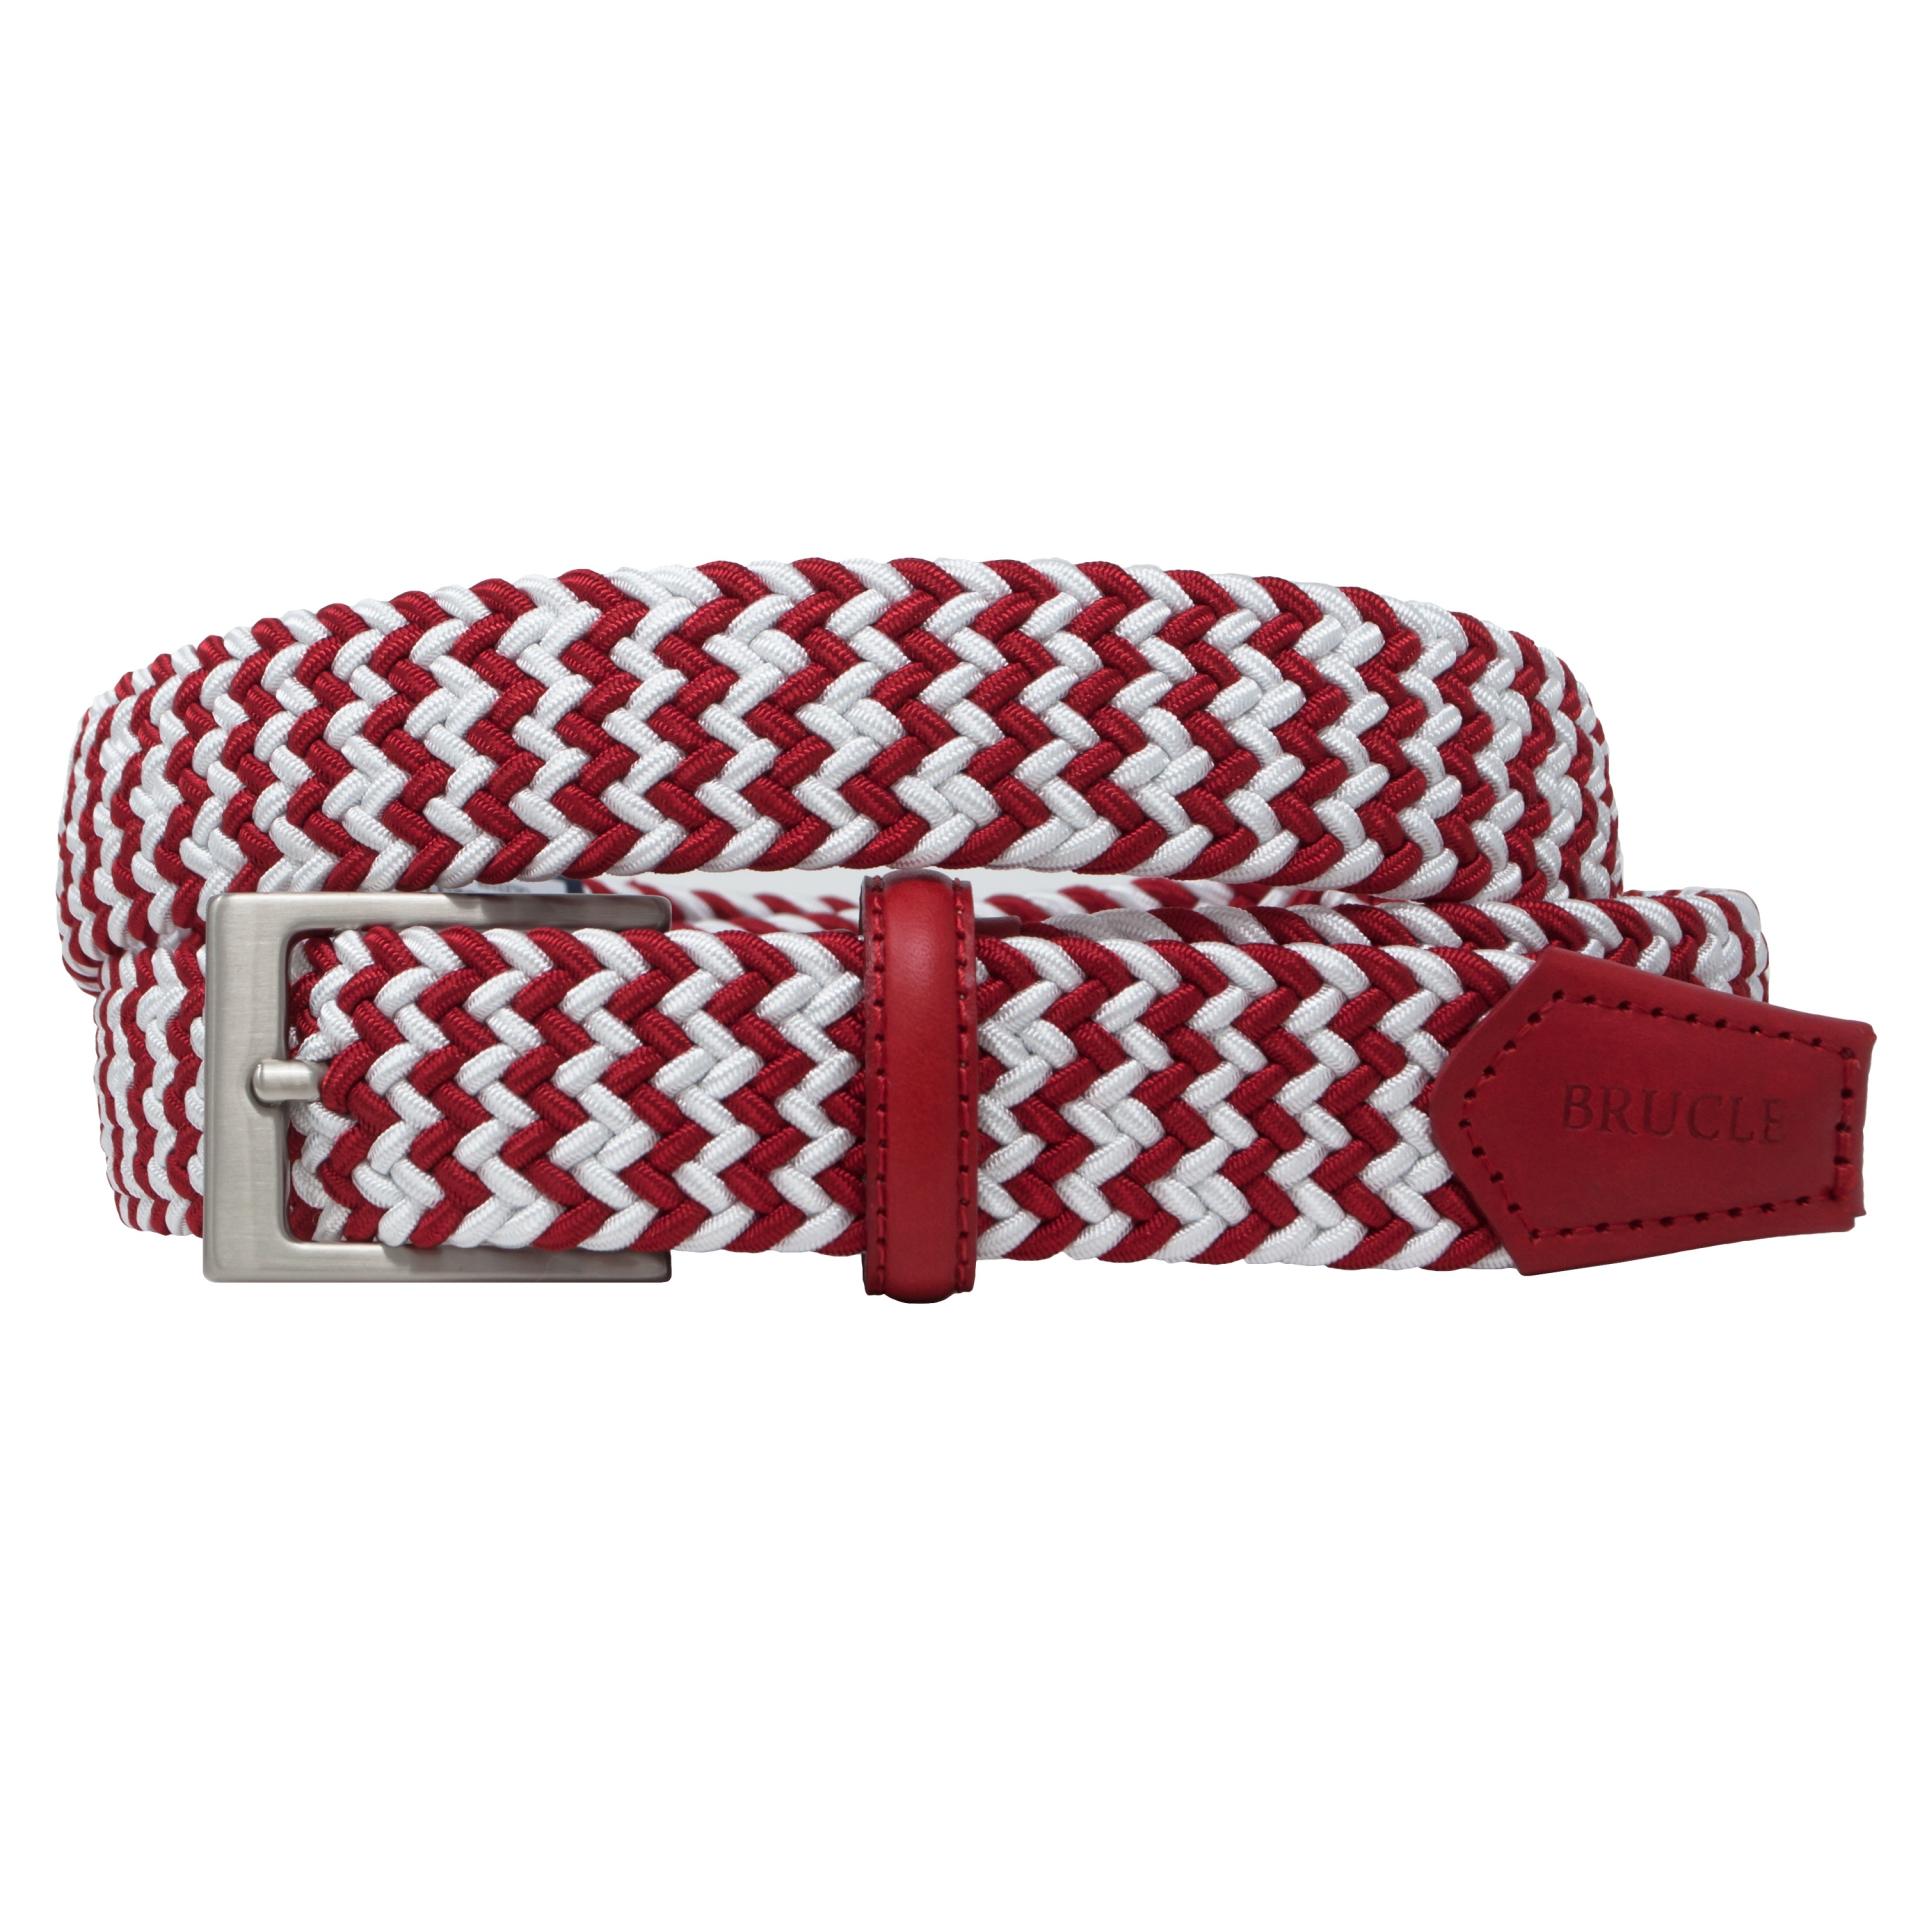 ceinture tress e lastique blanche rouge brucle. Black Bedroom Furniture Sets. Home Design Ideas